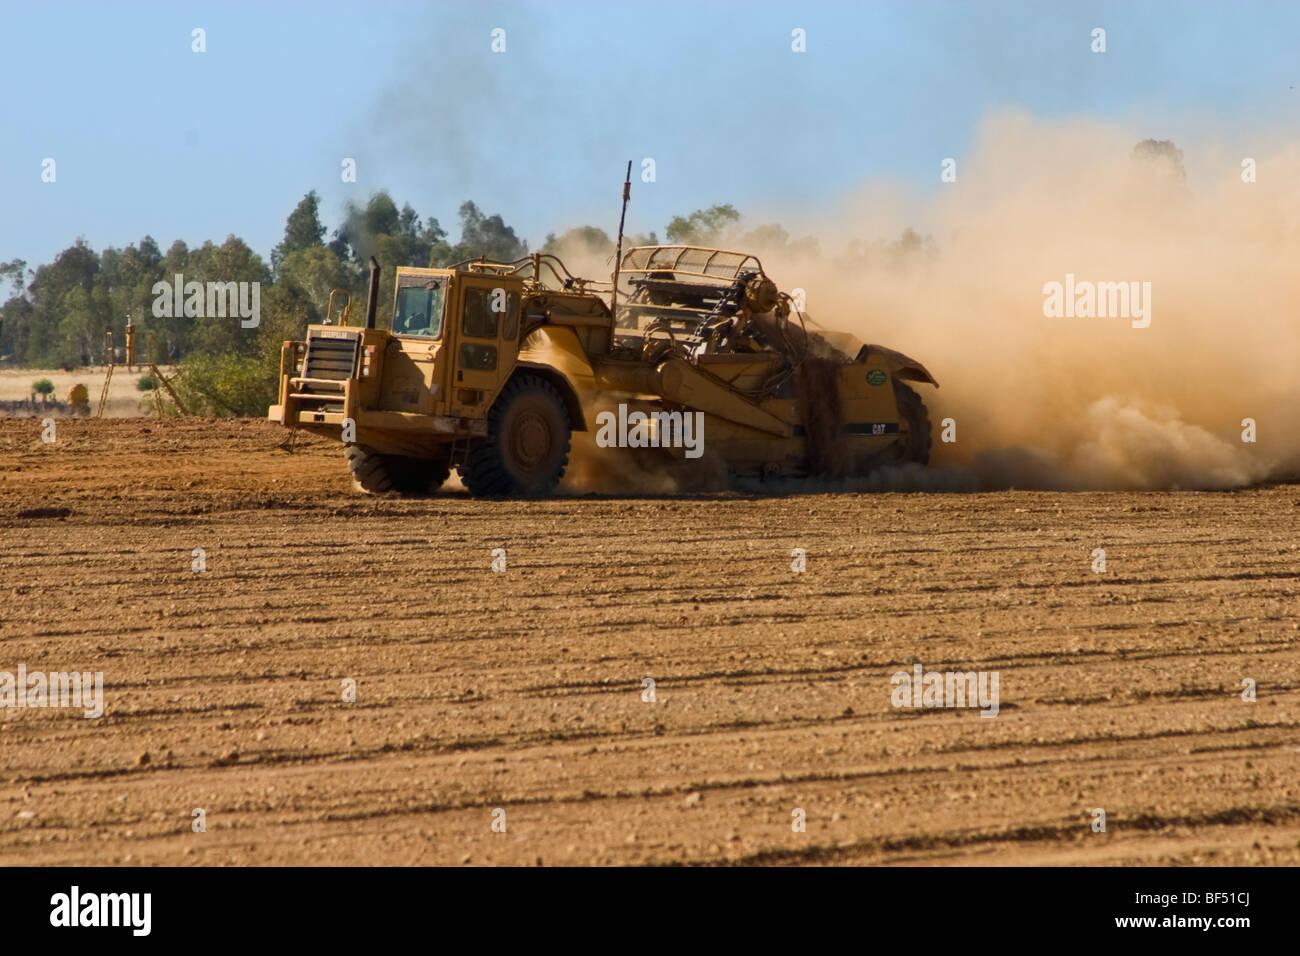 Ein Land-Aufsteiger bereitet ein Feld in der Vorbereitung für die Pflanzung eines neuen Mandel Obstgarten / Stockbild